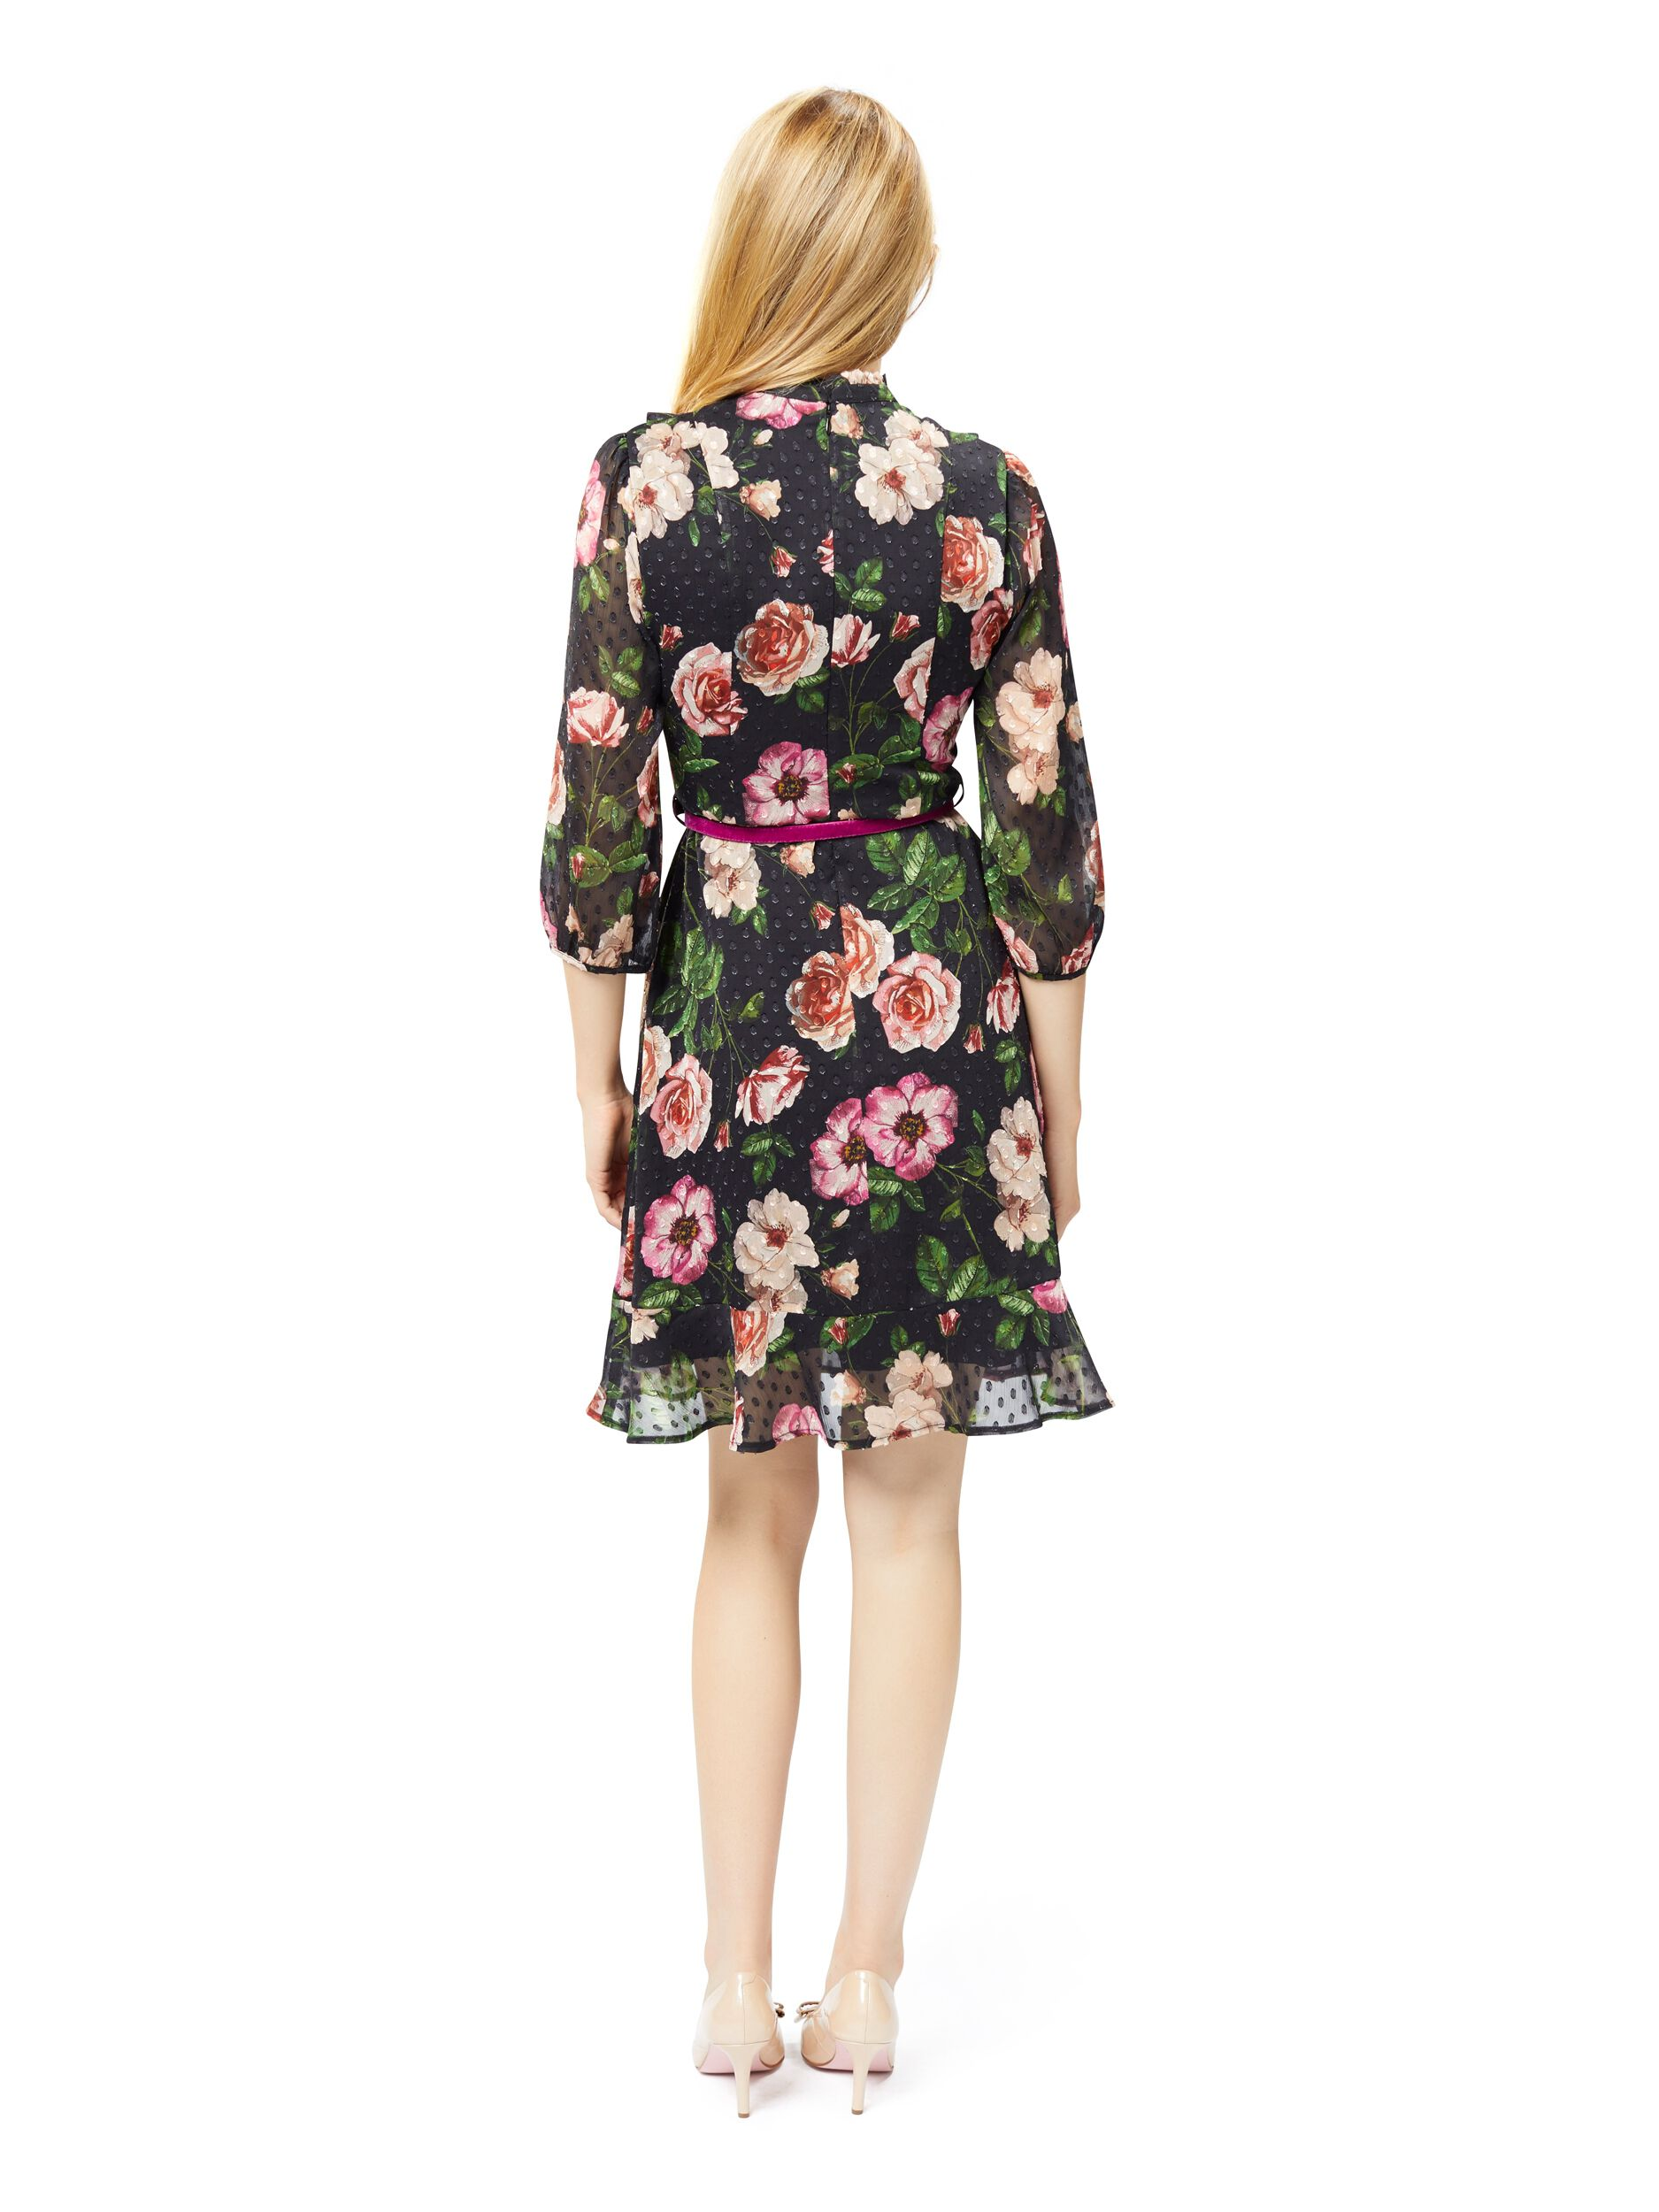 Antoinetta Dress